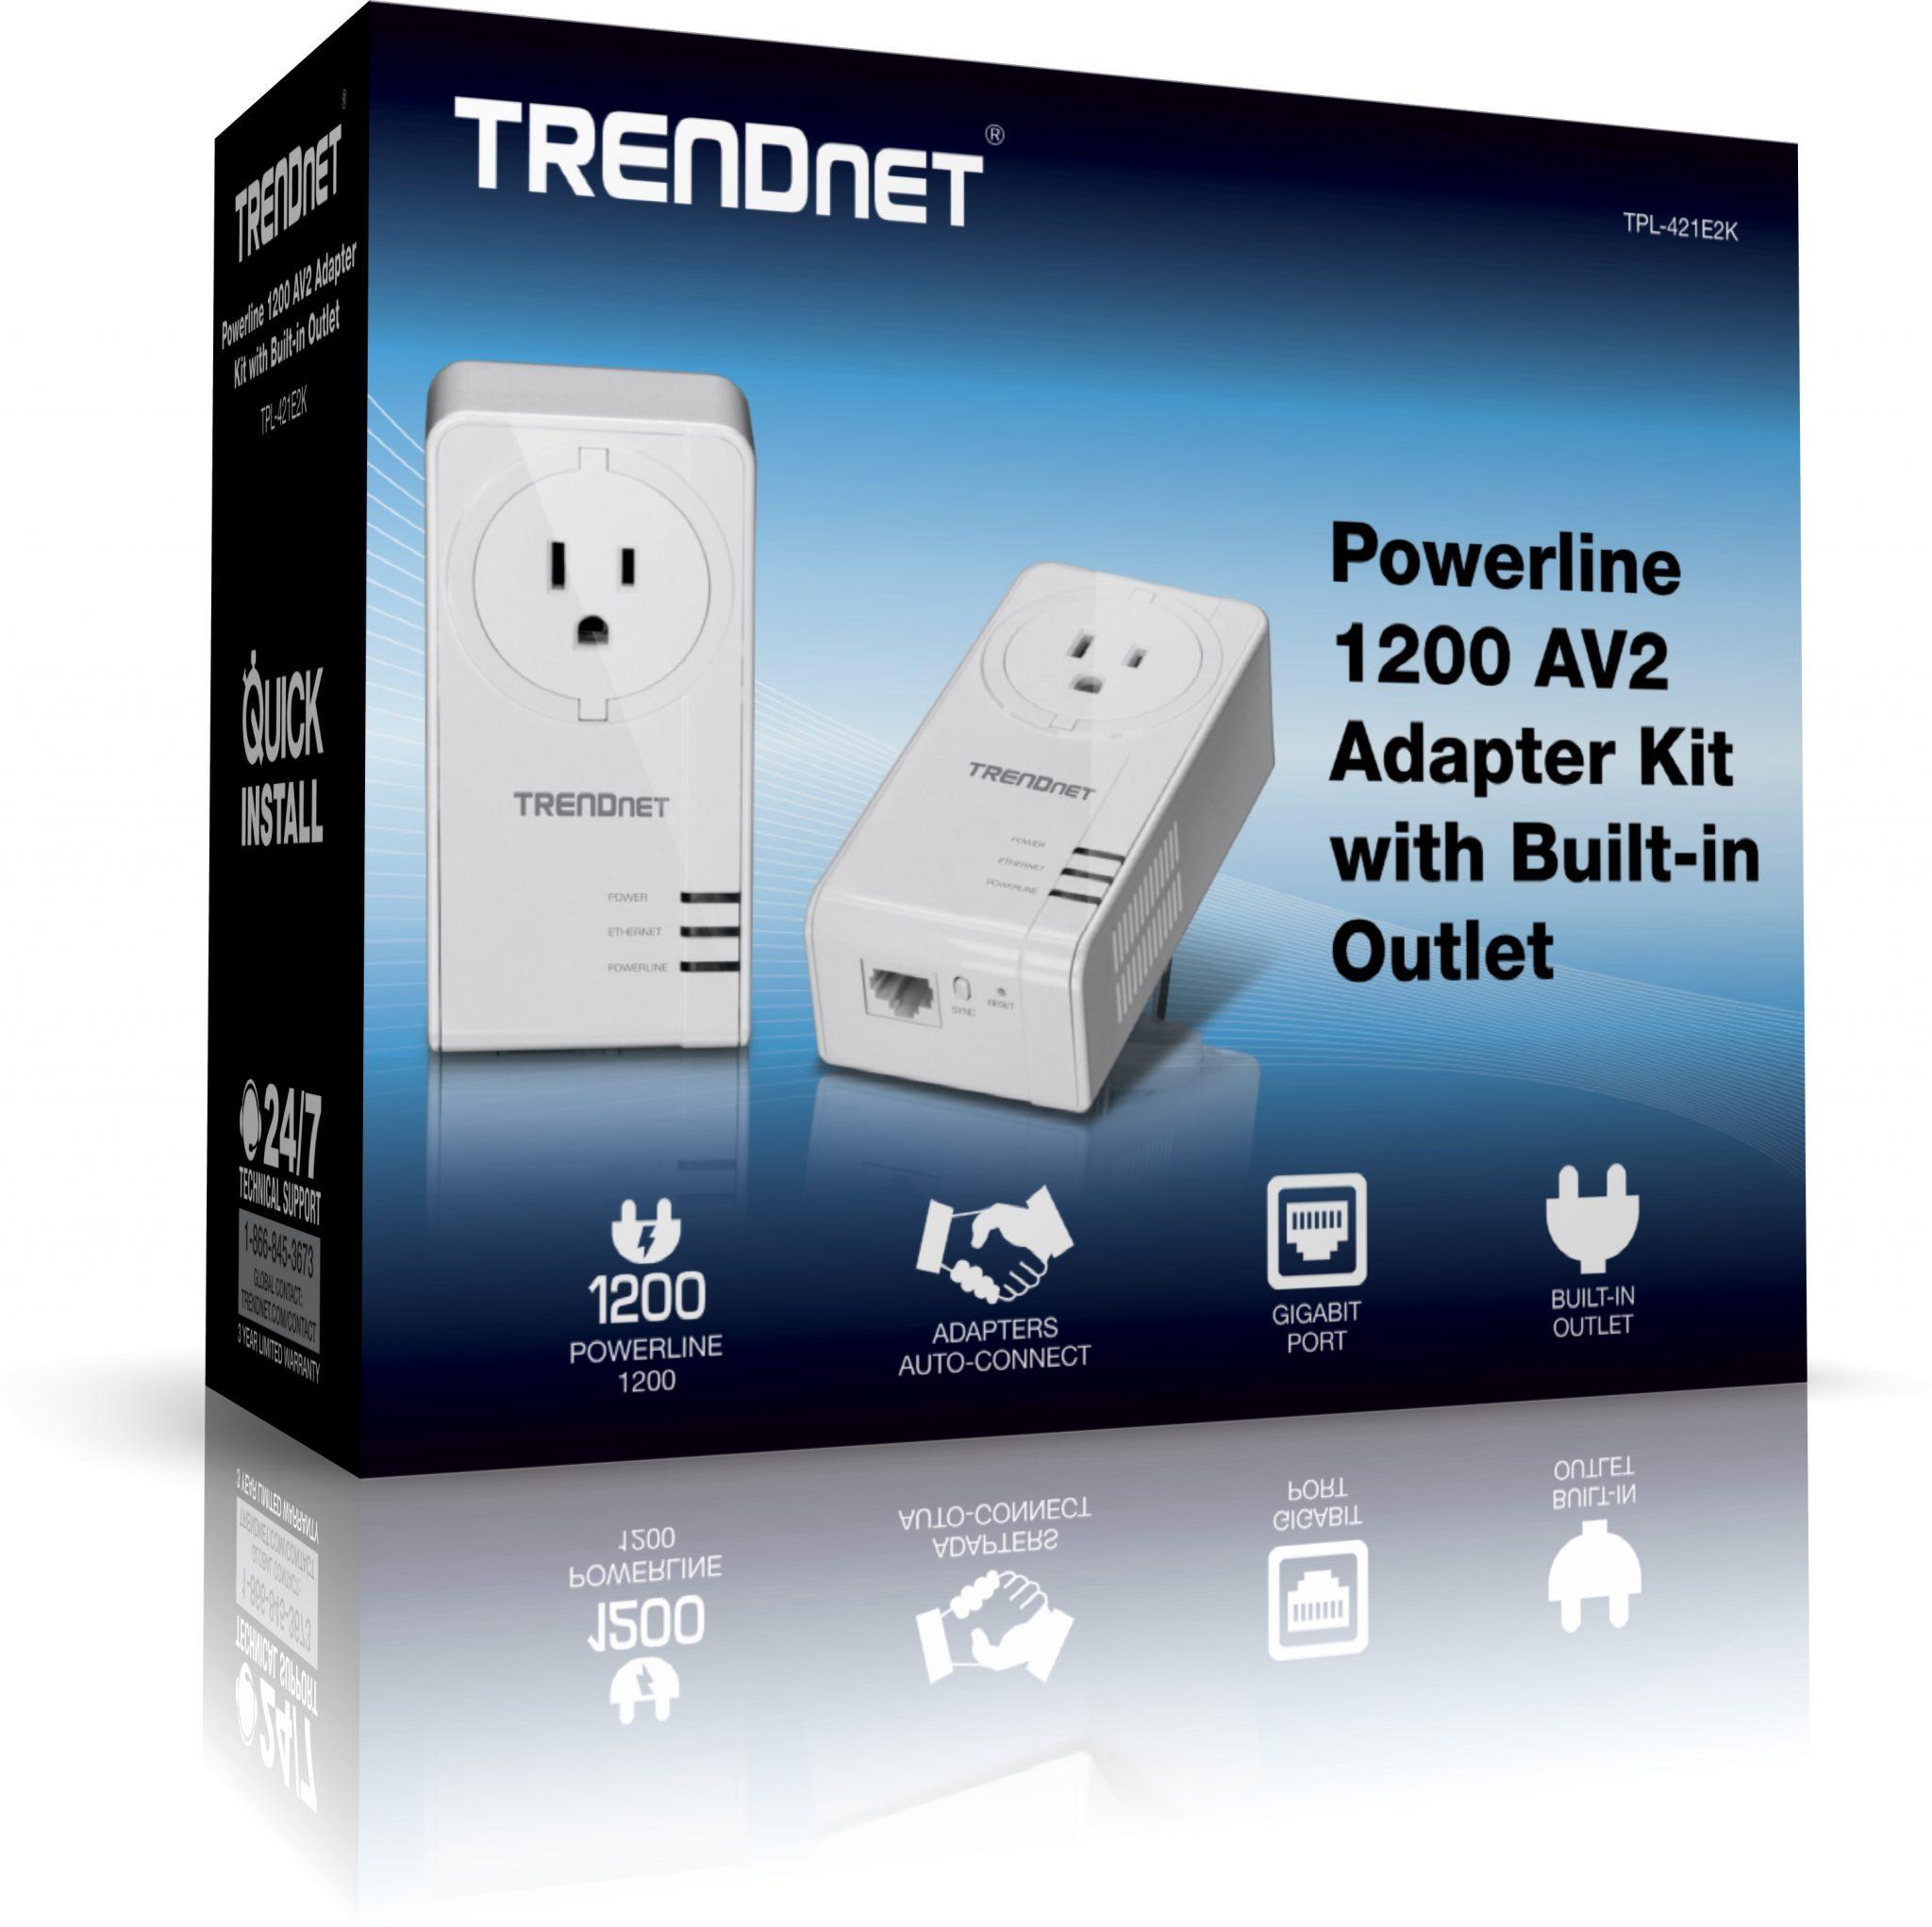 Trendnet TPL-421E2K, crea una red Powerline 1200 de rendimiento extremo